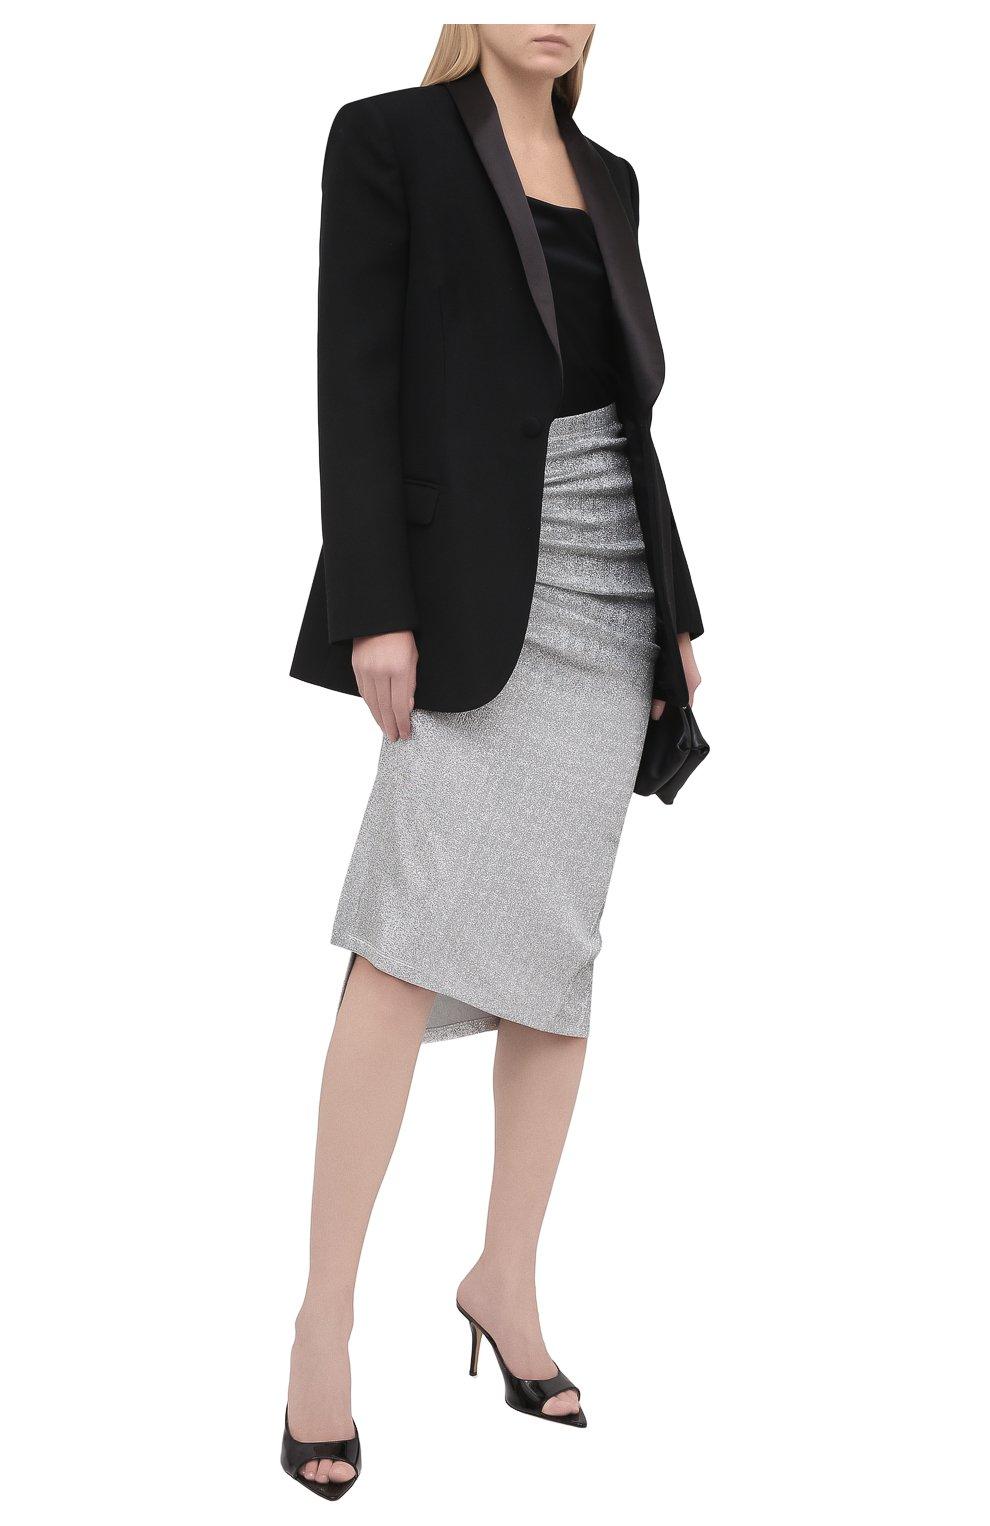 Женская юбка из вискозы PACO RABANNE серебряного цвета, арт. 20PJJU007VI0222 | Фото 2